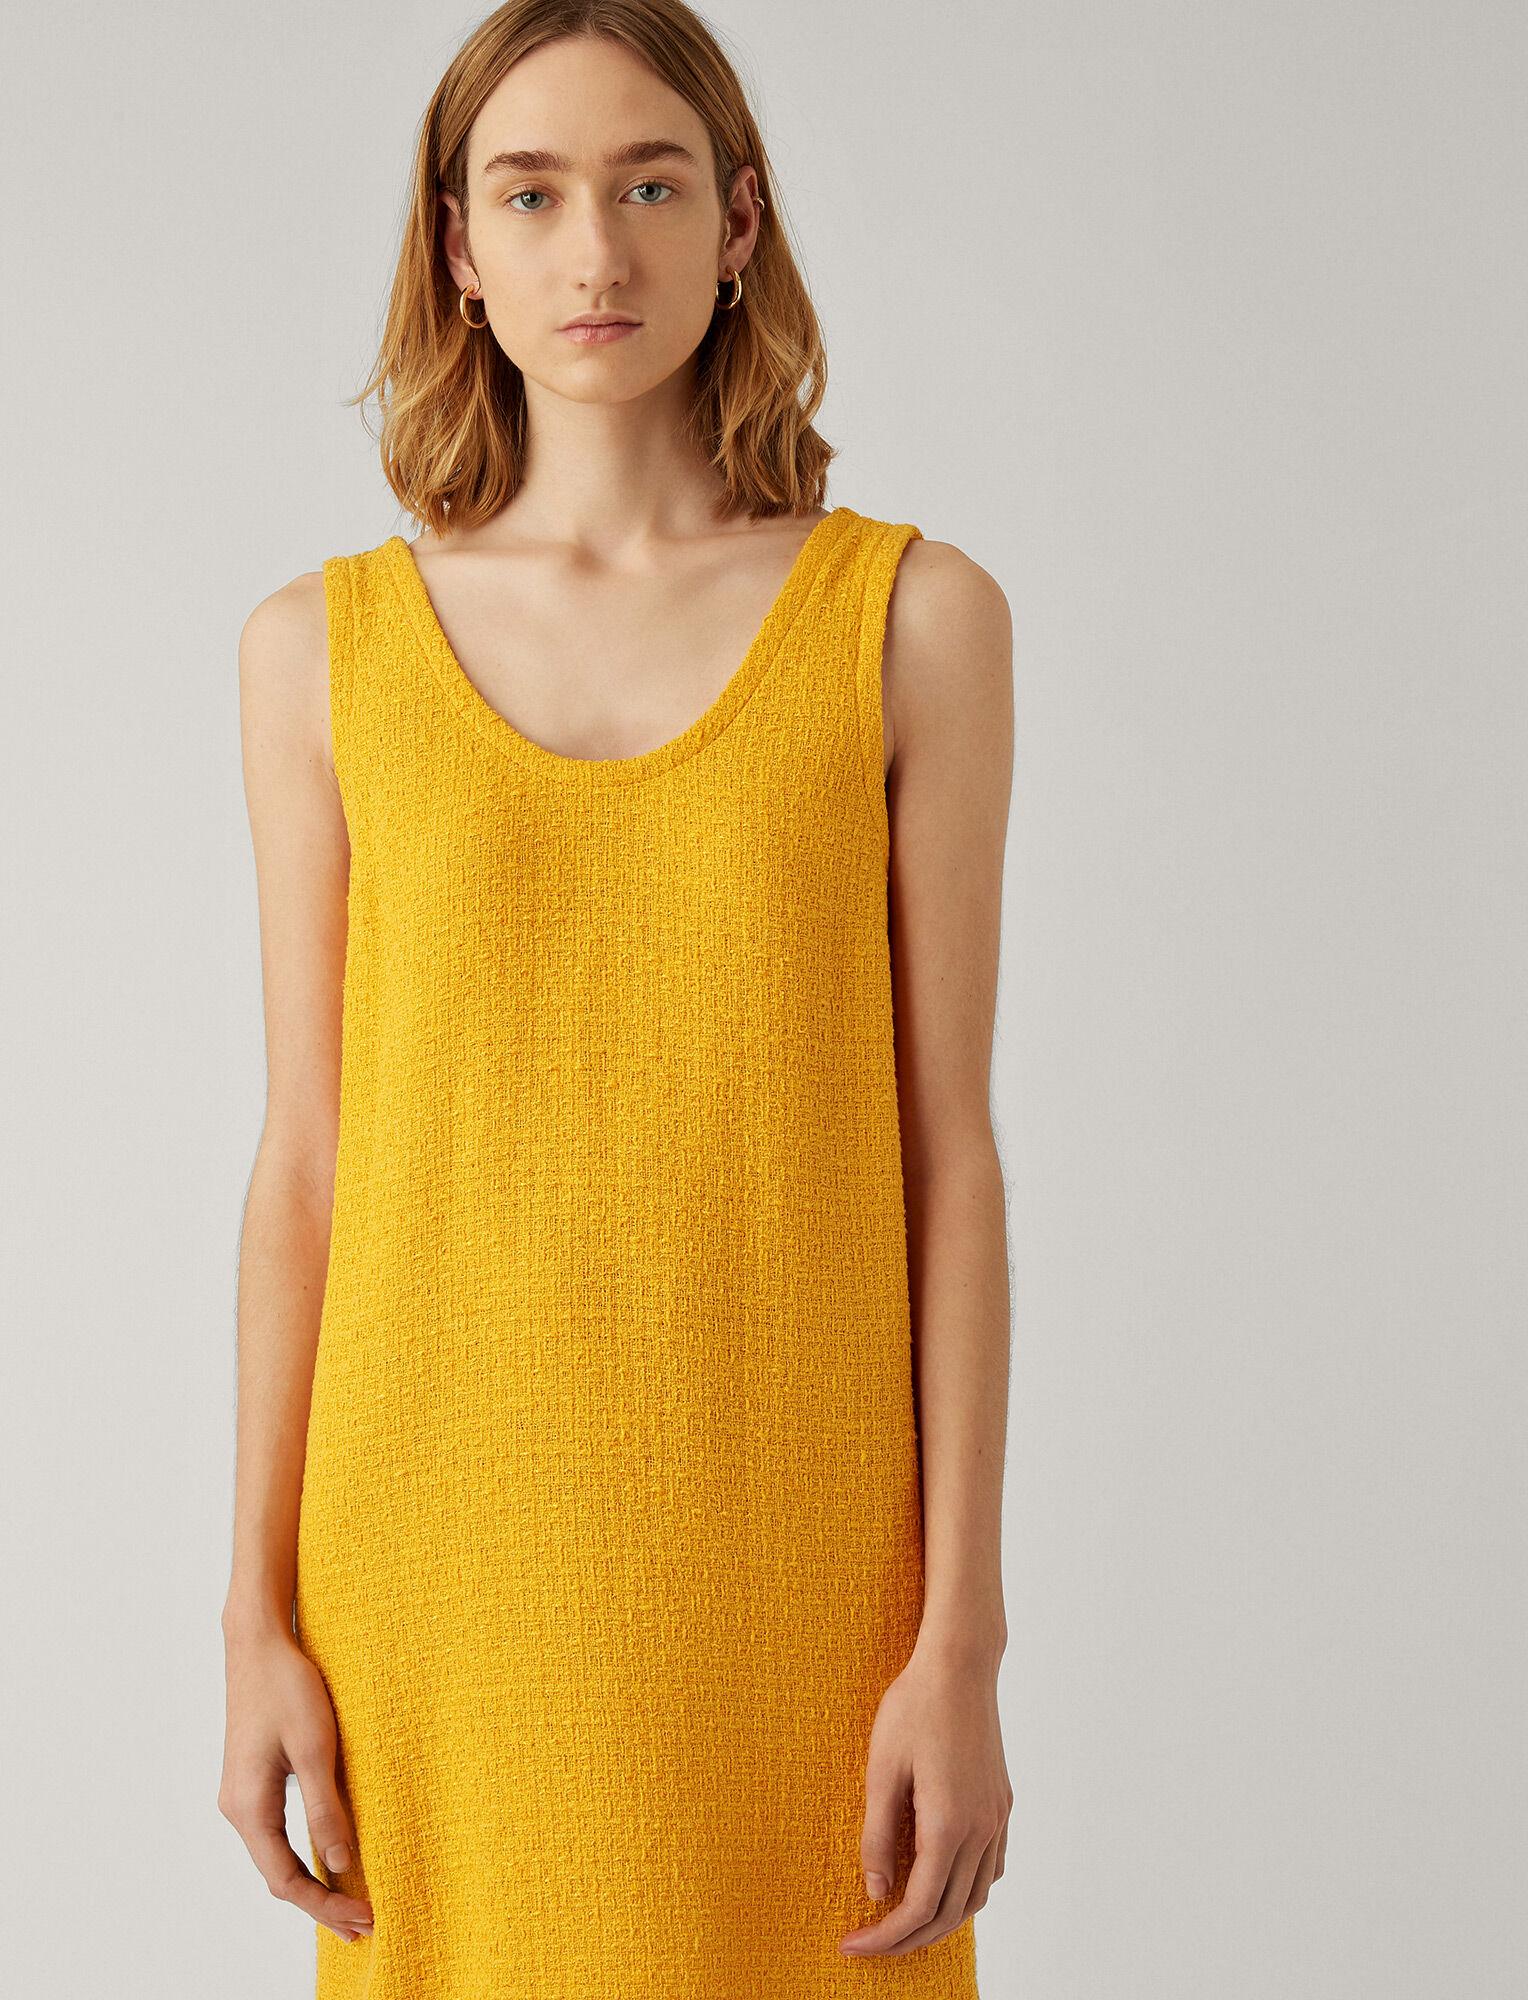 Joseph, Dria Tweed Dress, in POLLEN